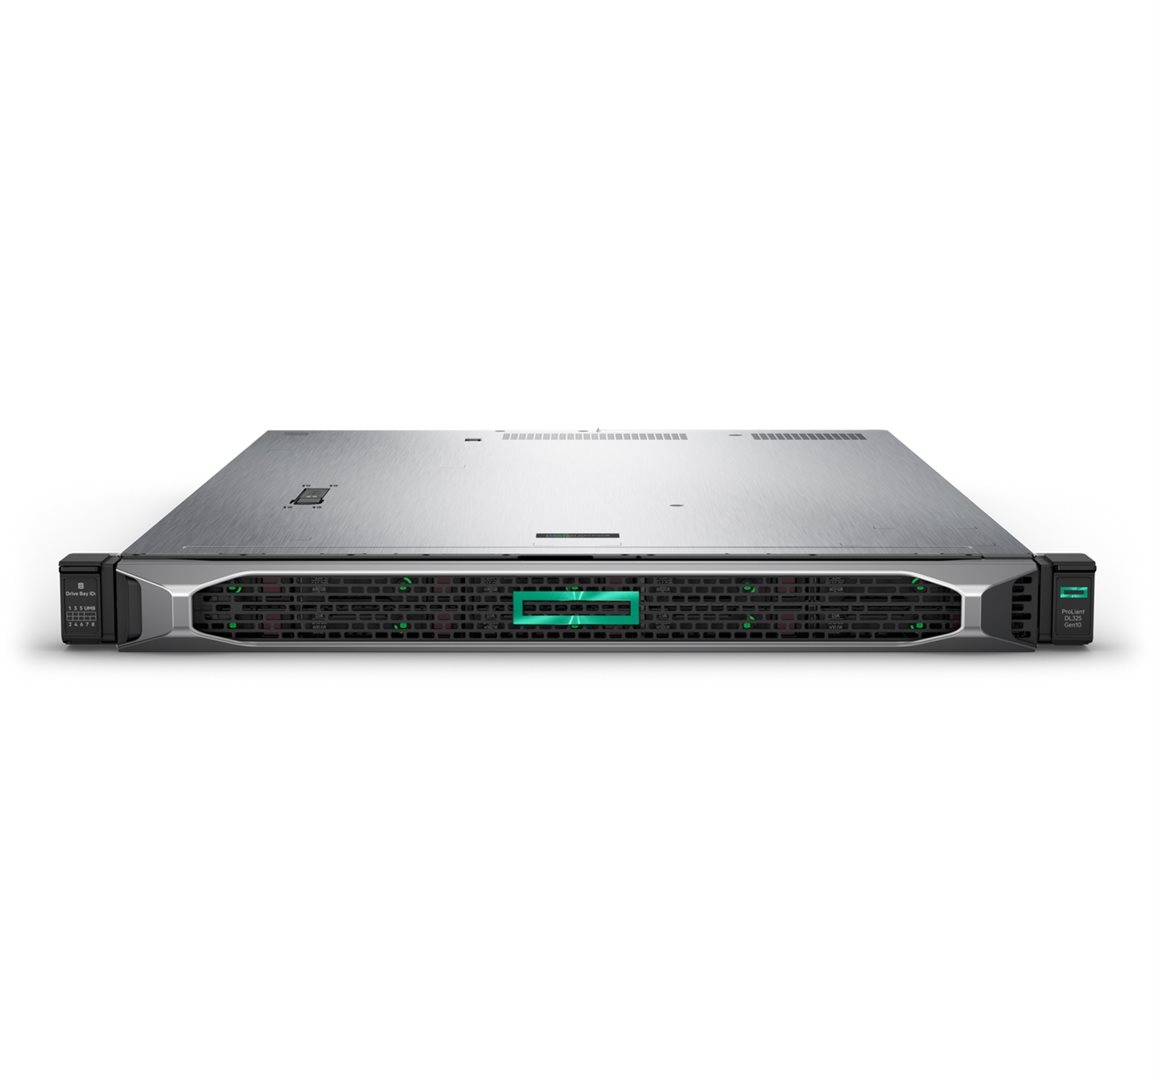 HPE DL325 Gen10 7262 1P 16G 8SFF Svr